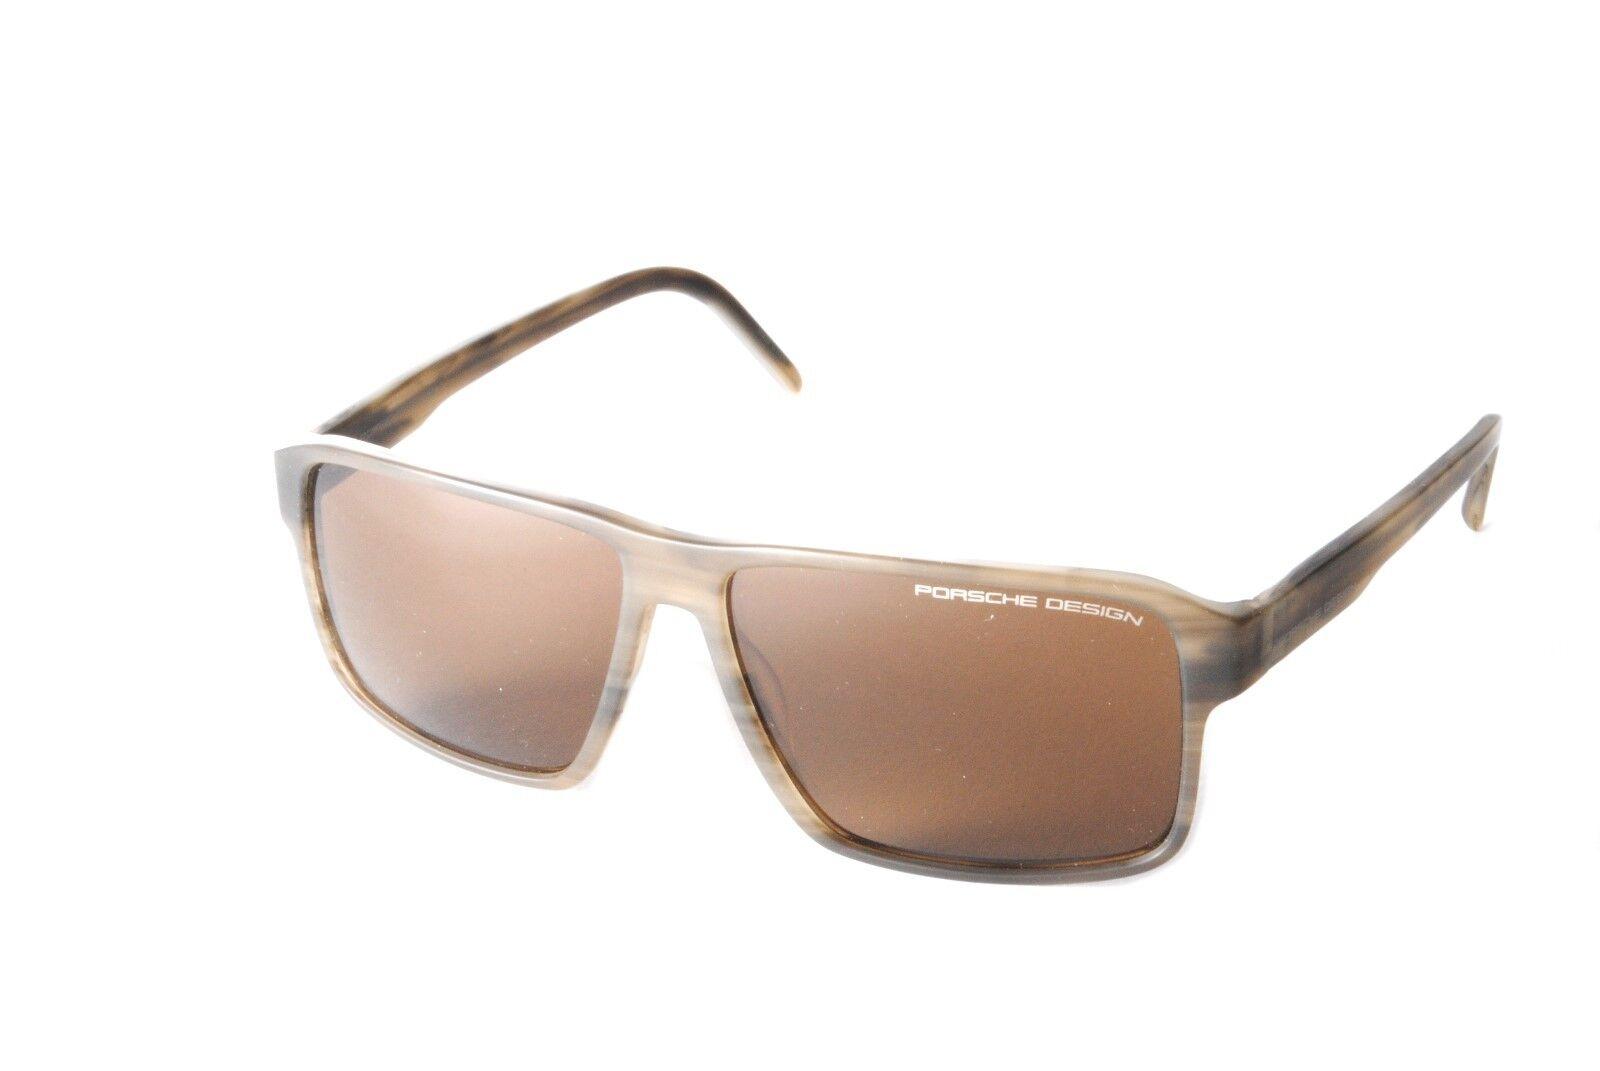 7fd898b1c7 Porsche Design P8634D Matt Grey Mottle Brown Sunglasses